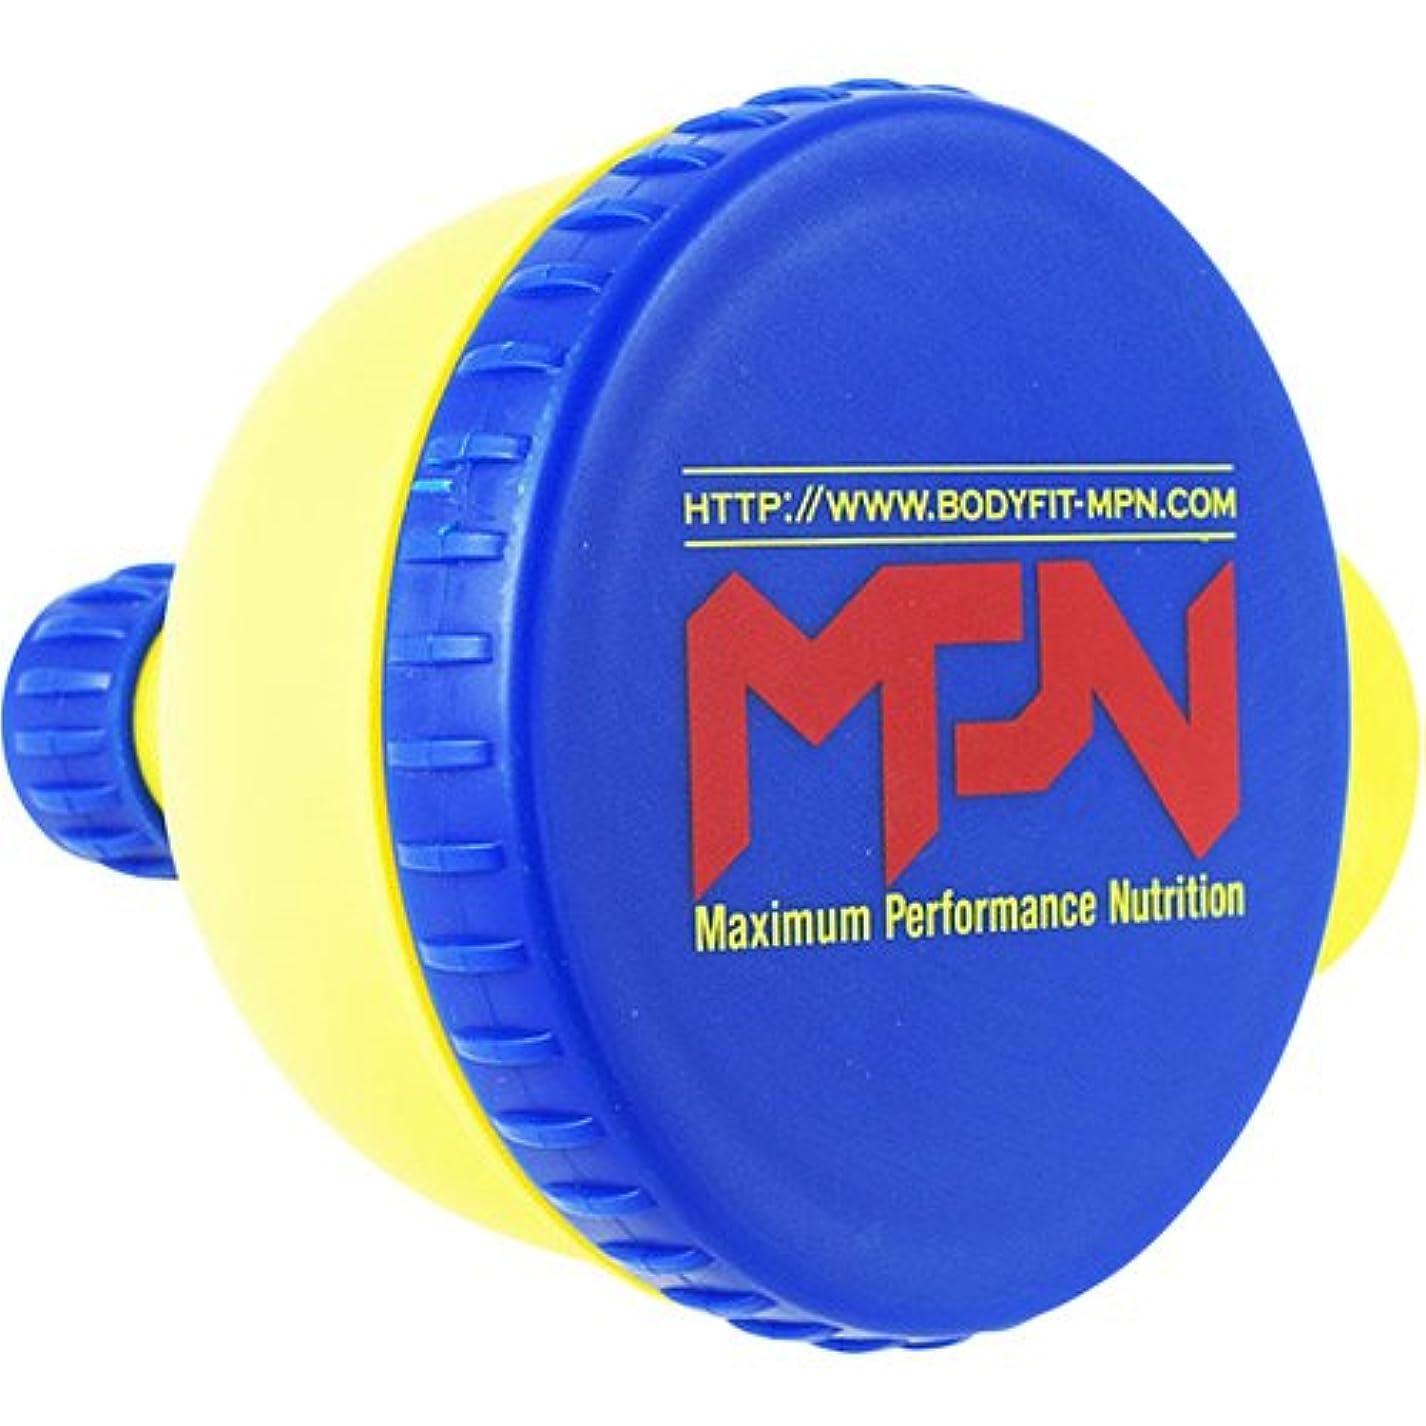 ミスパドル赤字ボディフィット MPN ファンネル 粉末サプリメント小分け携帯用漏斗